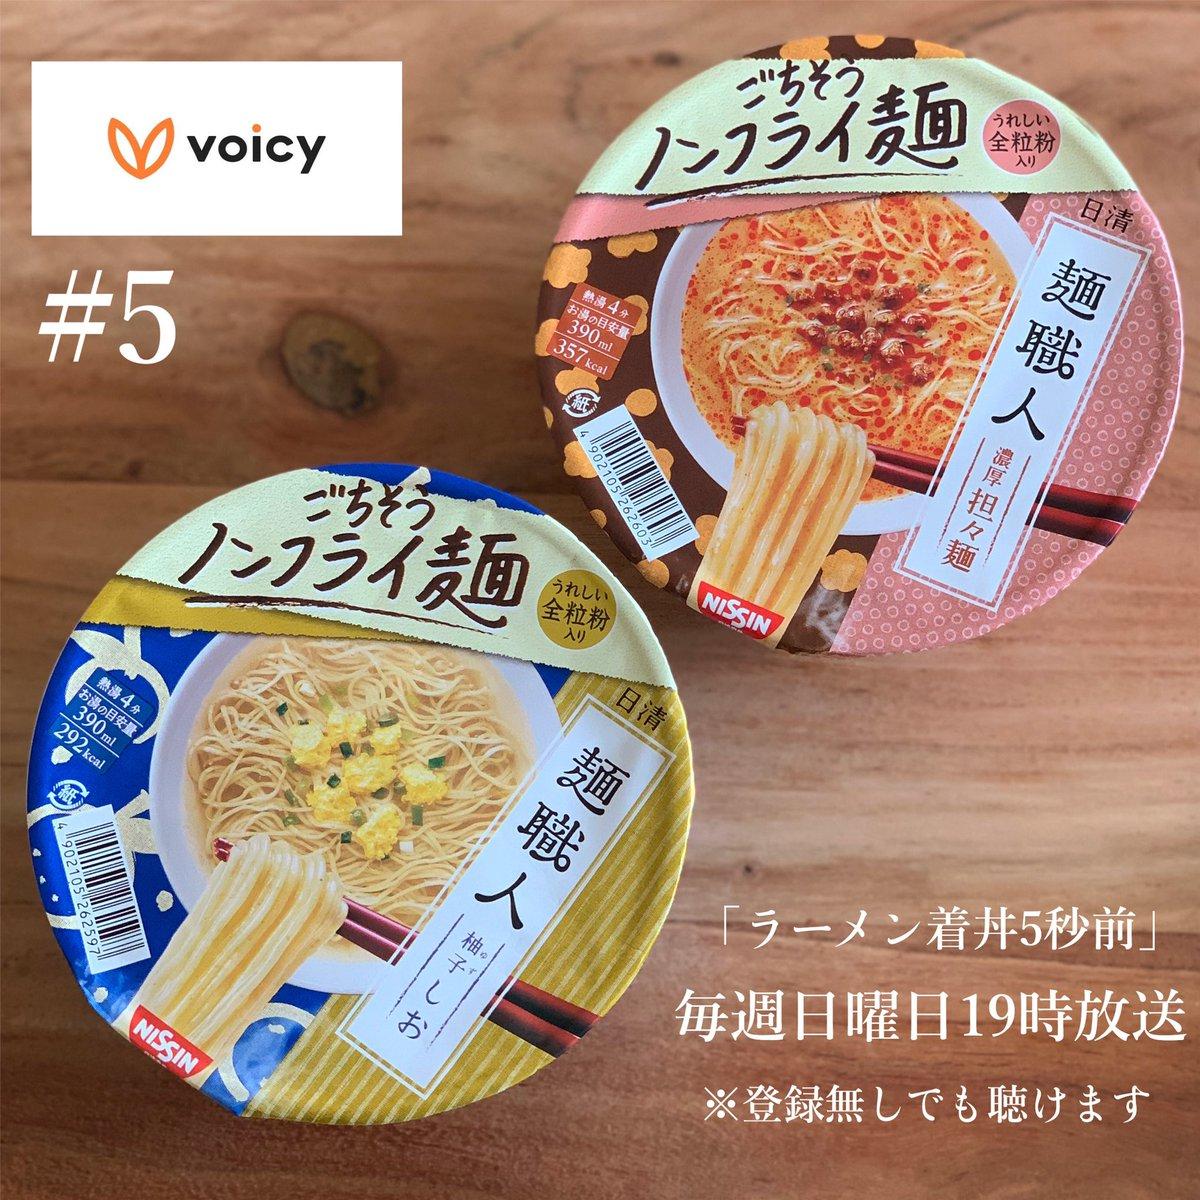 【#5】ジャケ買いしたくなる!ごちそうノンフライ麺 - 年間600杯ラーメン女子 森本聡子(※登録無しでも無料で聴けます)#ボイスメディア #ラーメンラジオ#毎週ゆるくやってます #voicy